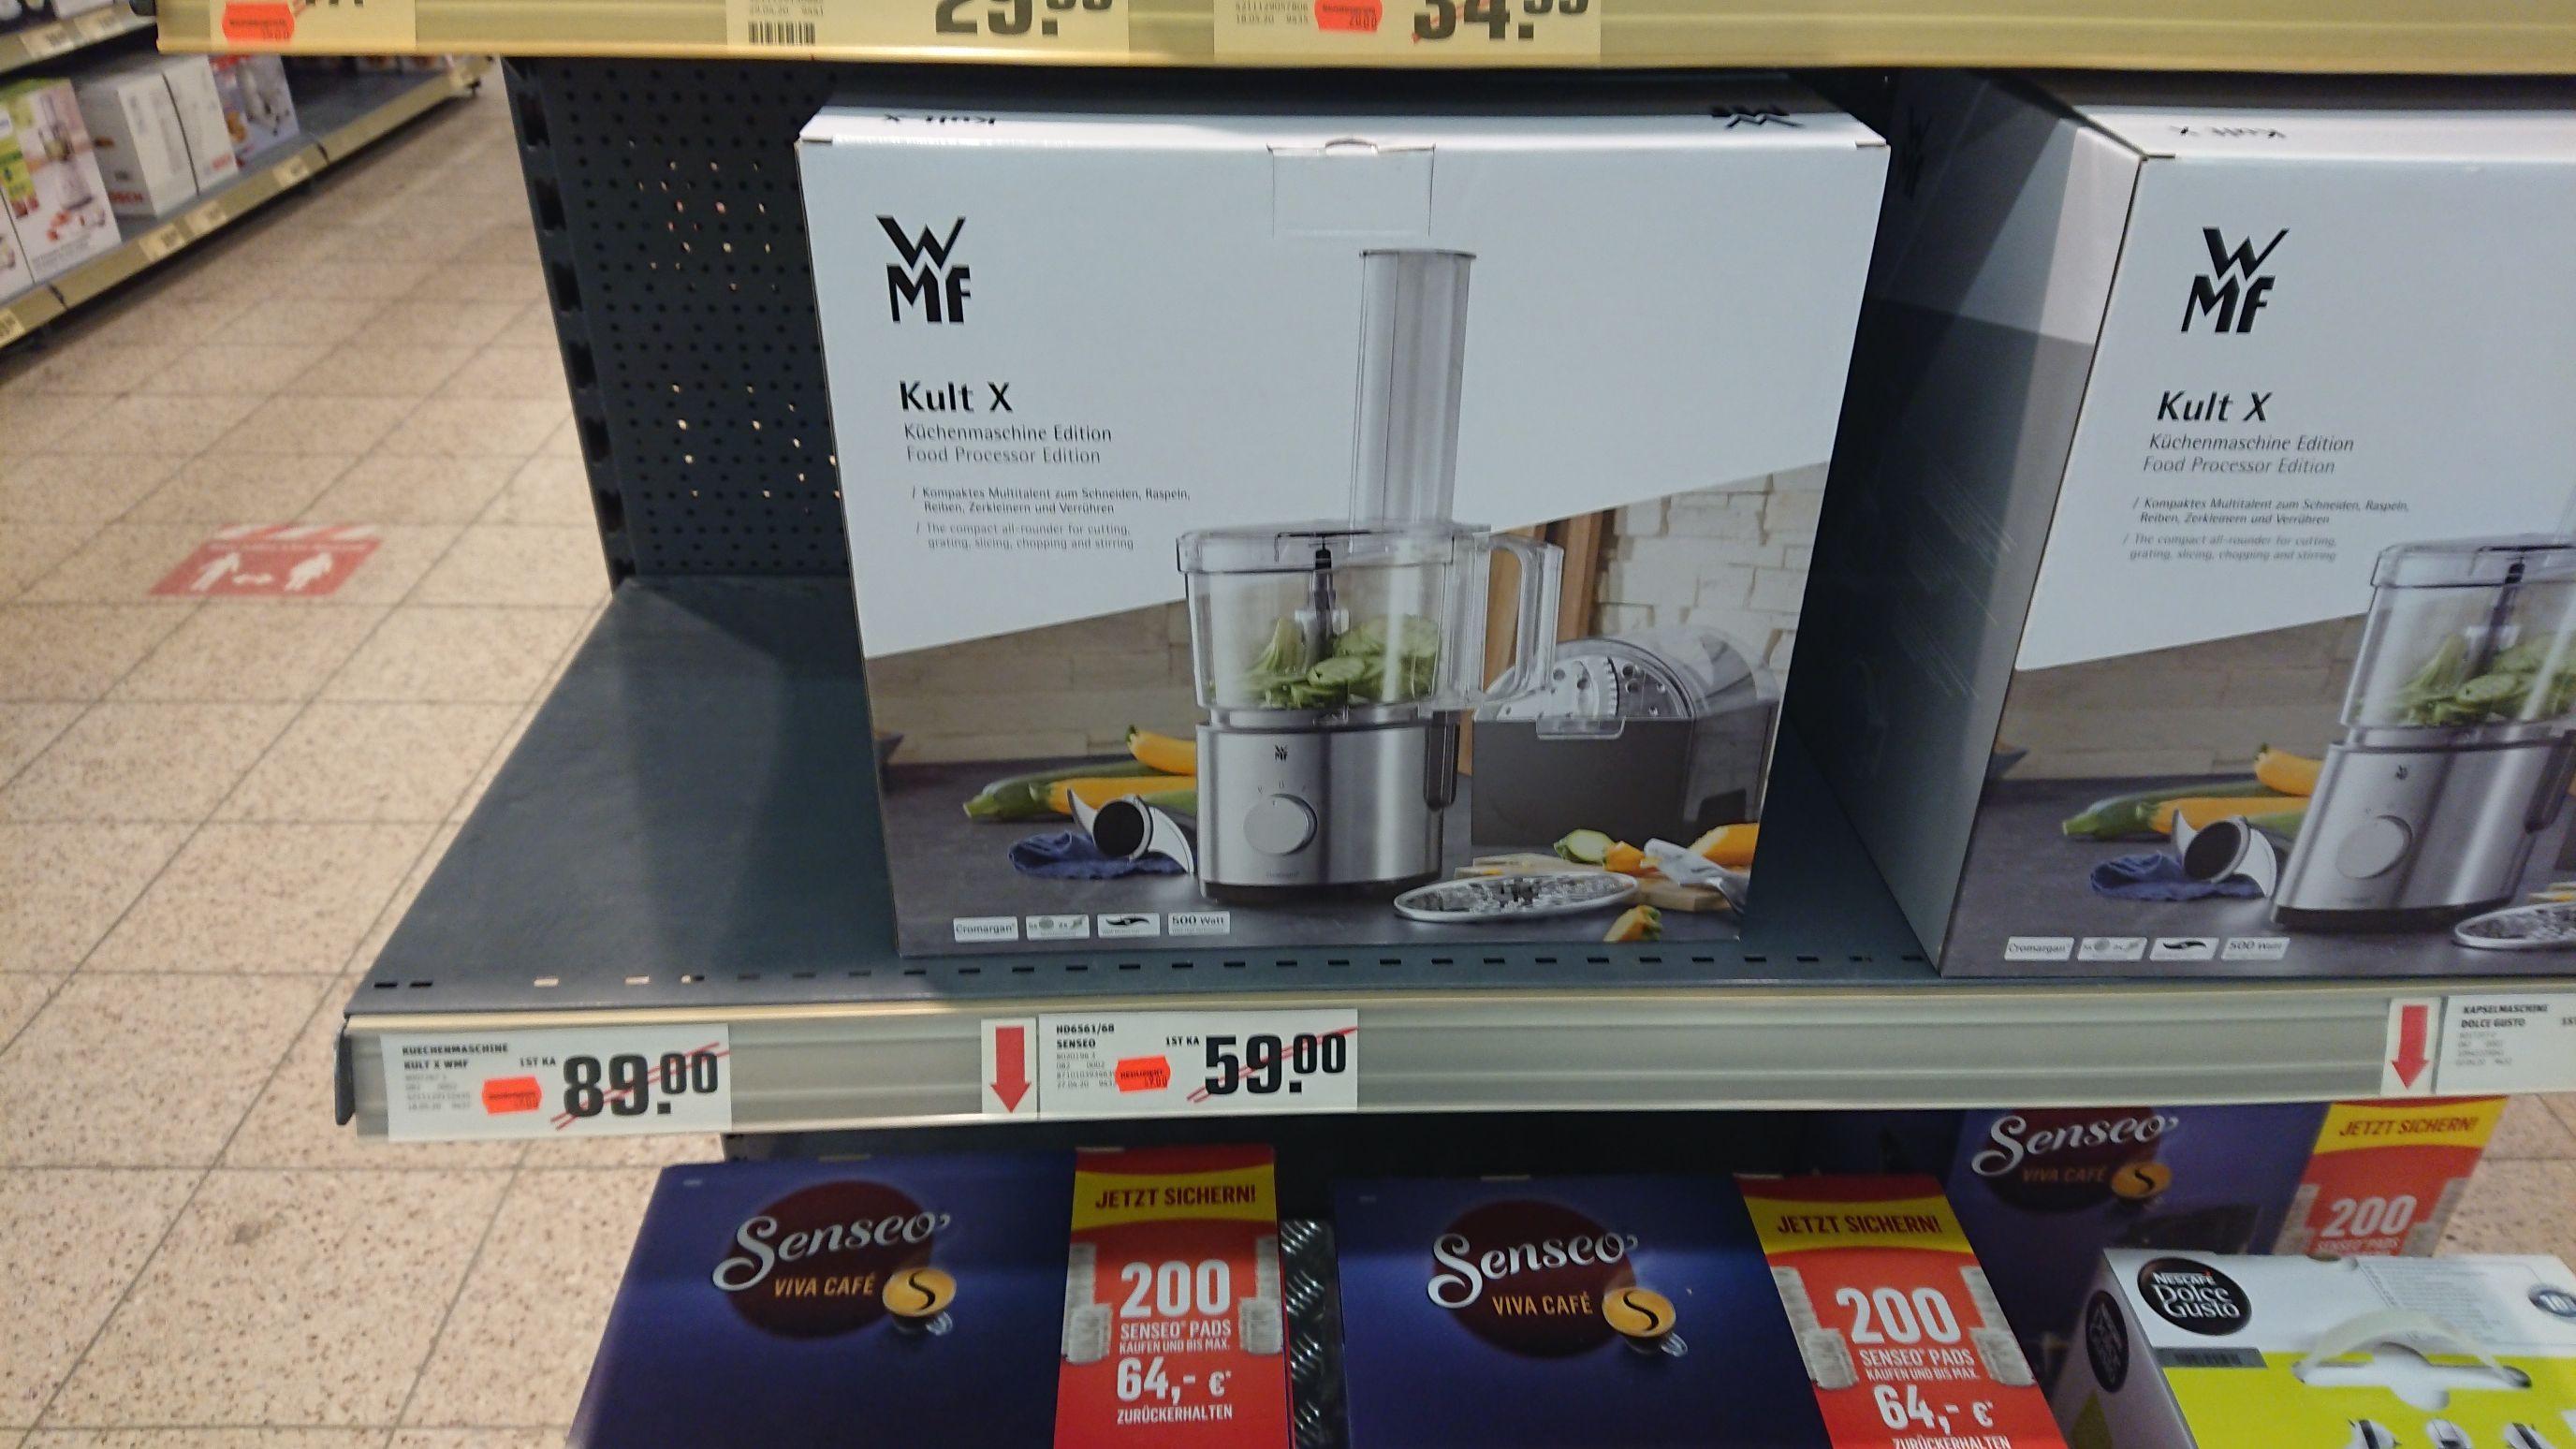 [Lokal] Wmf Kult X Küchenmaschine Edition für 69€ im Tonndo Hamburg